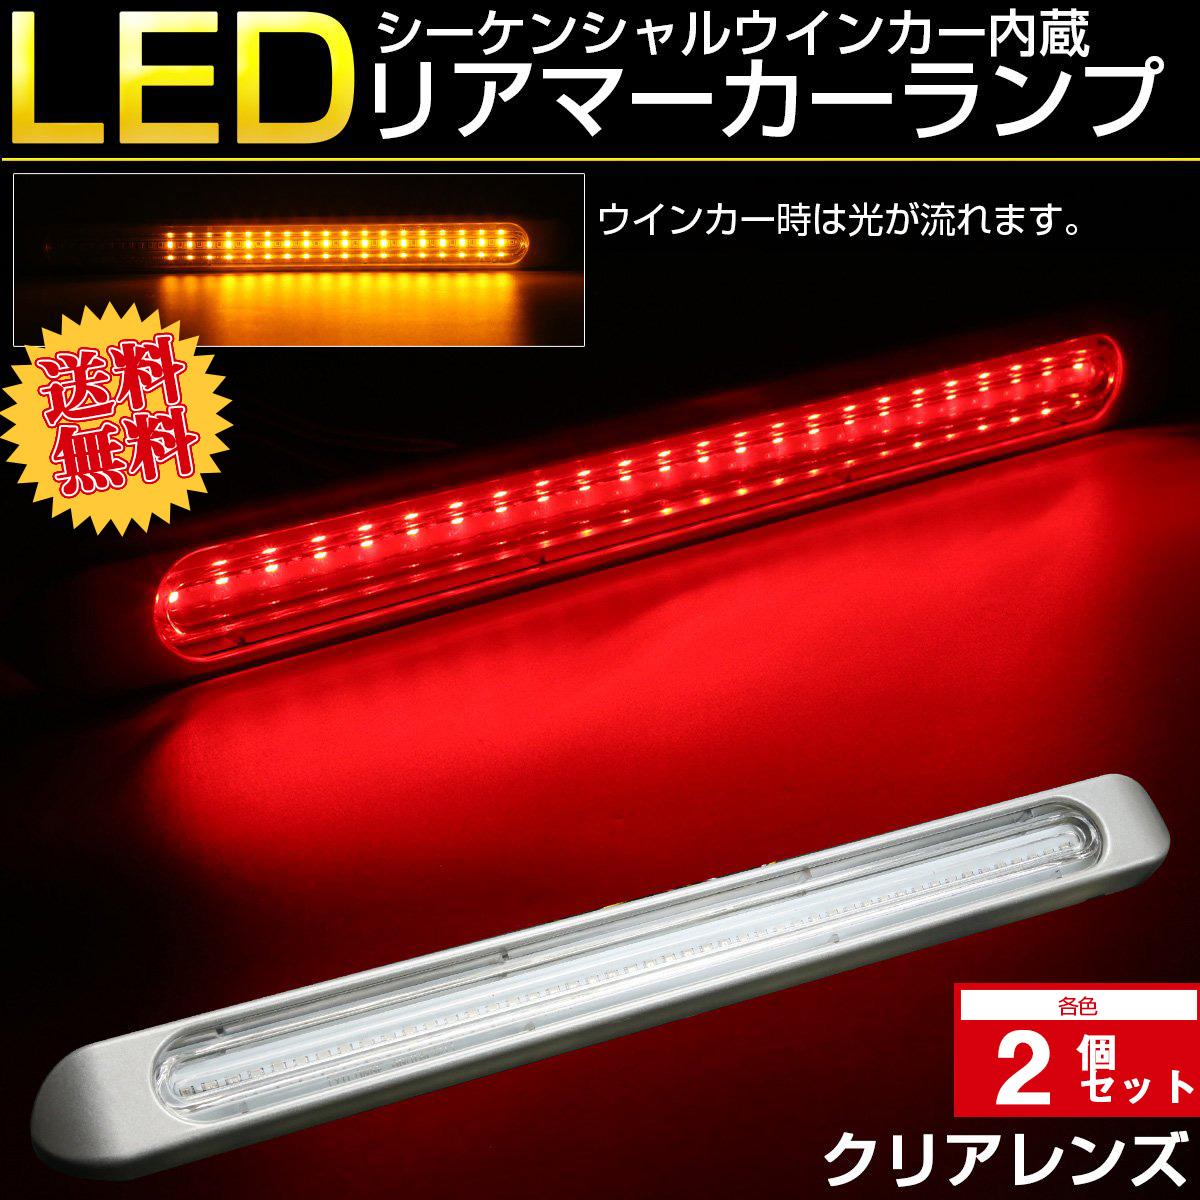 【送料無料】 2個セット LED 汎用 リア マーカーランプ シーケンシャルウインカー機能内蔵 ブレーキランプ連動 12V 24V兼用 防水 F-89-90-2SET